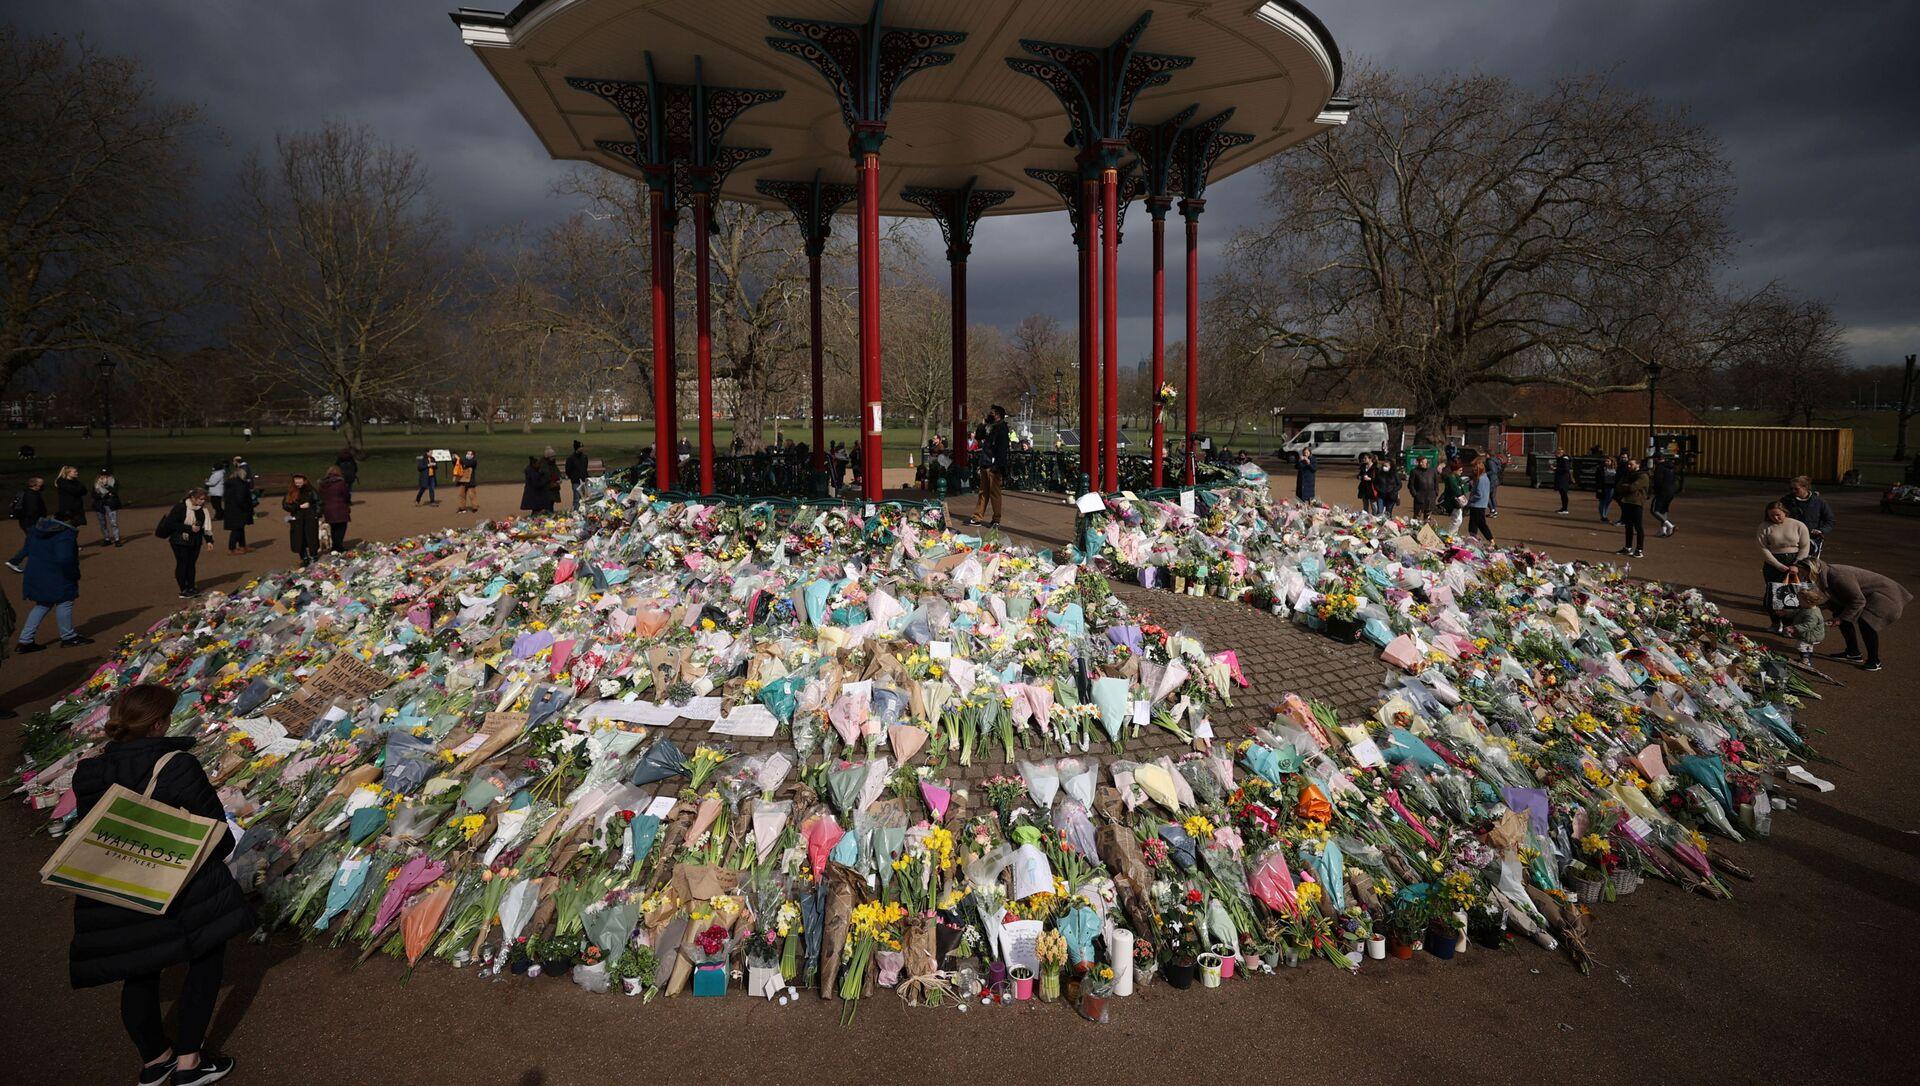 Londra'nın Sarah Everard'ın kaçırılıp öldürüldüğü Clapham Common semtinin açıkhava konser alanında oluşturulan anma yeri - Sputnik Türkiye, 1920, 15.03.2021